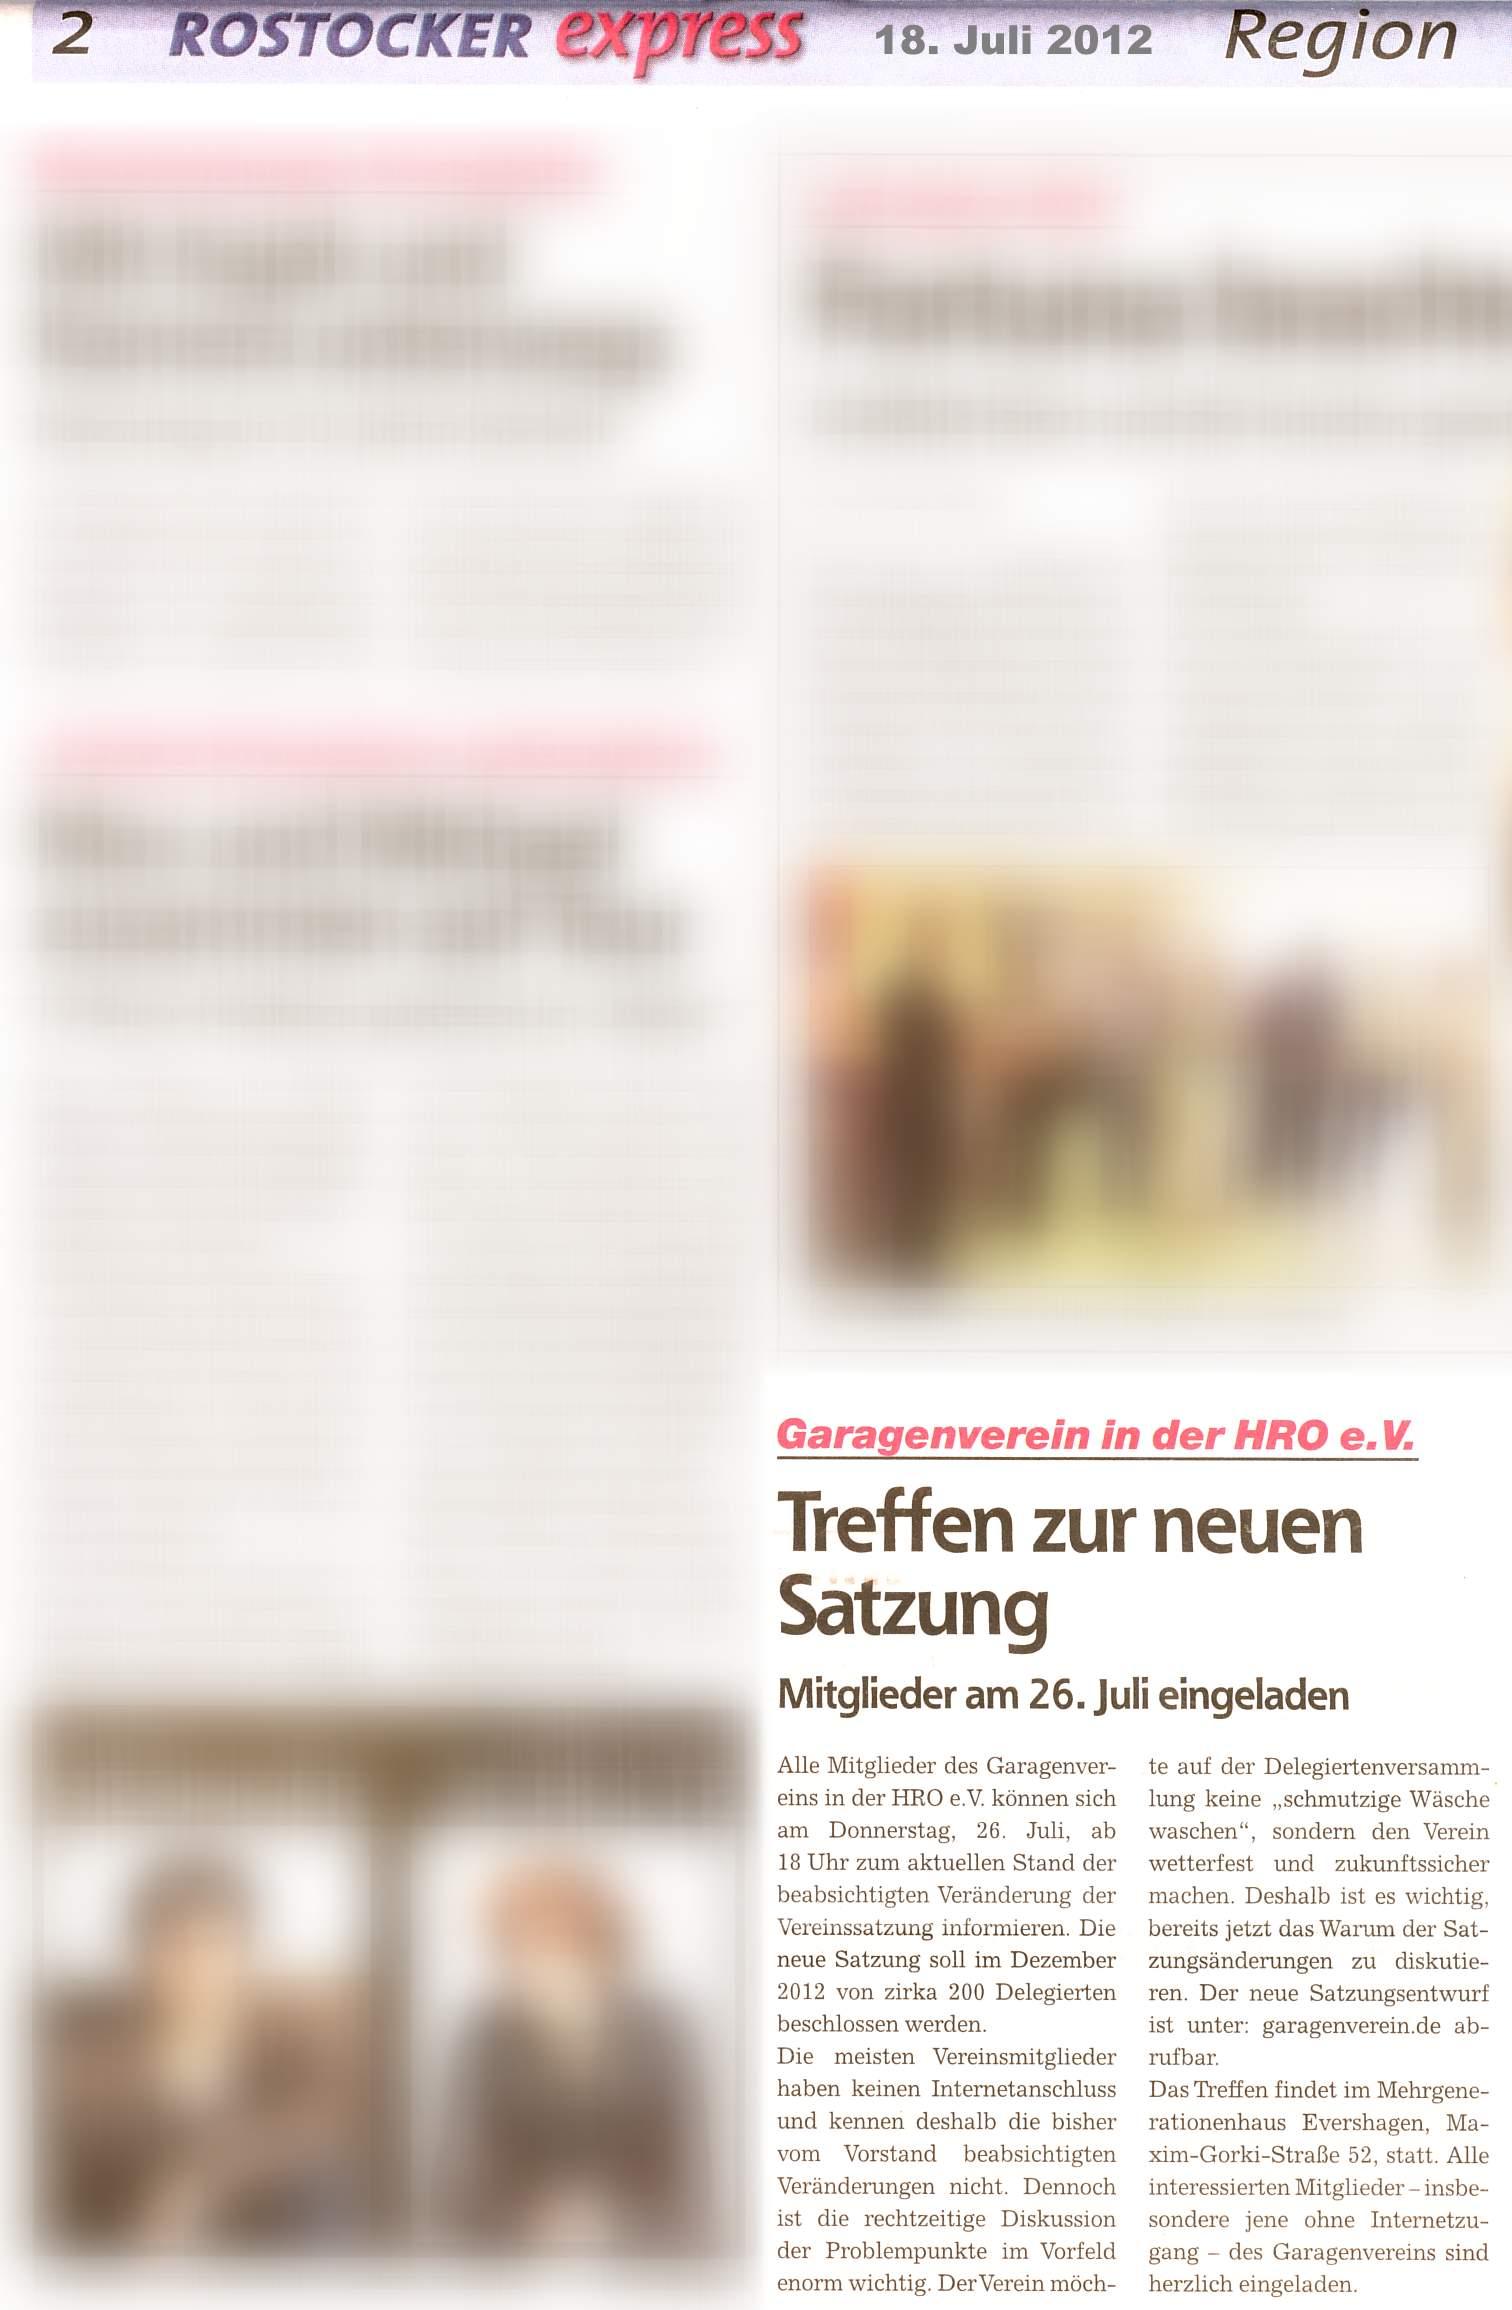 Zeitungsartikel im Rostocker Express am 18. Juli 2012 mit der Ankündigung zur Informations- und Beratungsveranstaltung am 26.07.2012